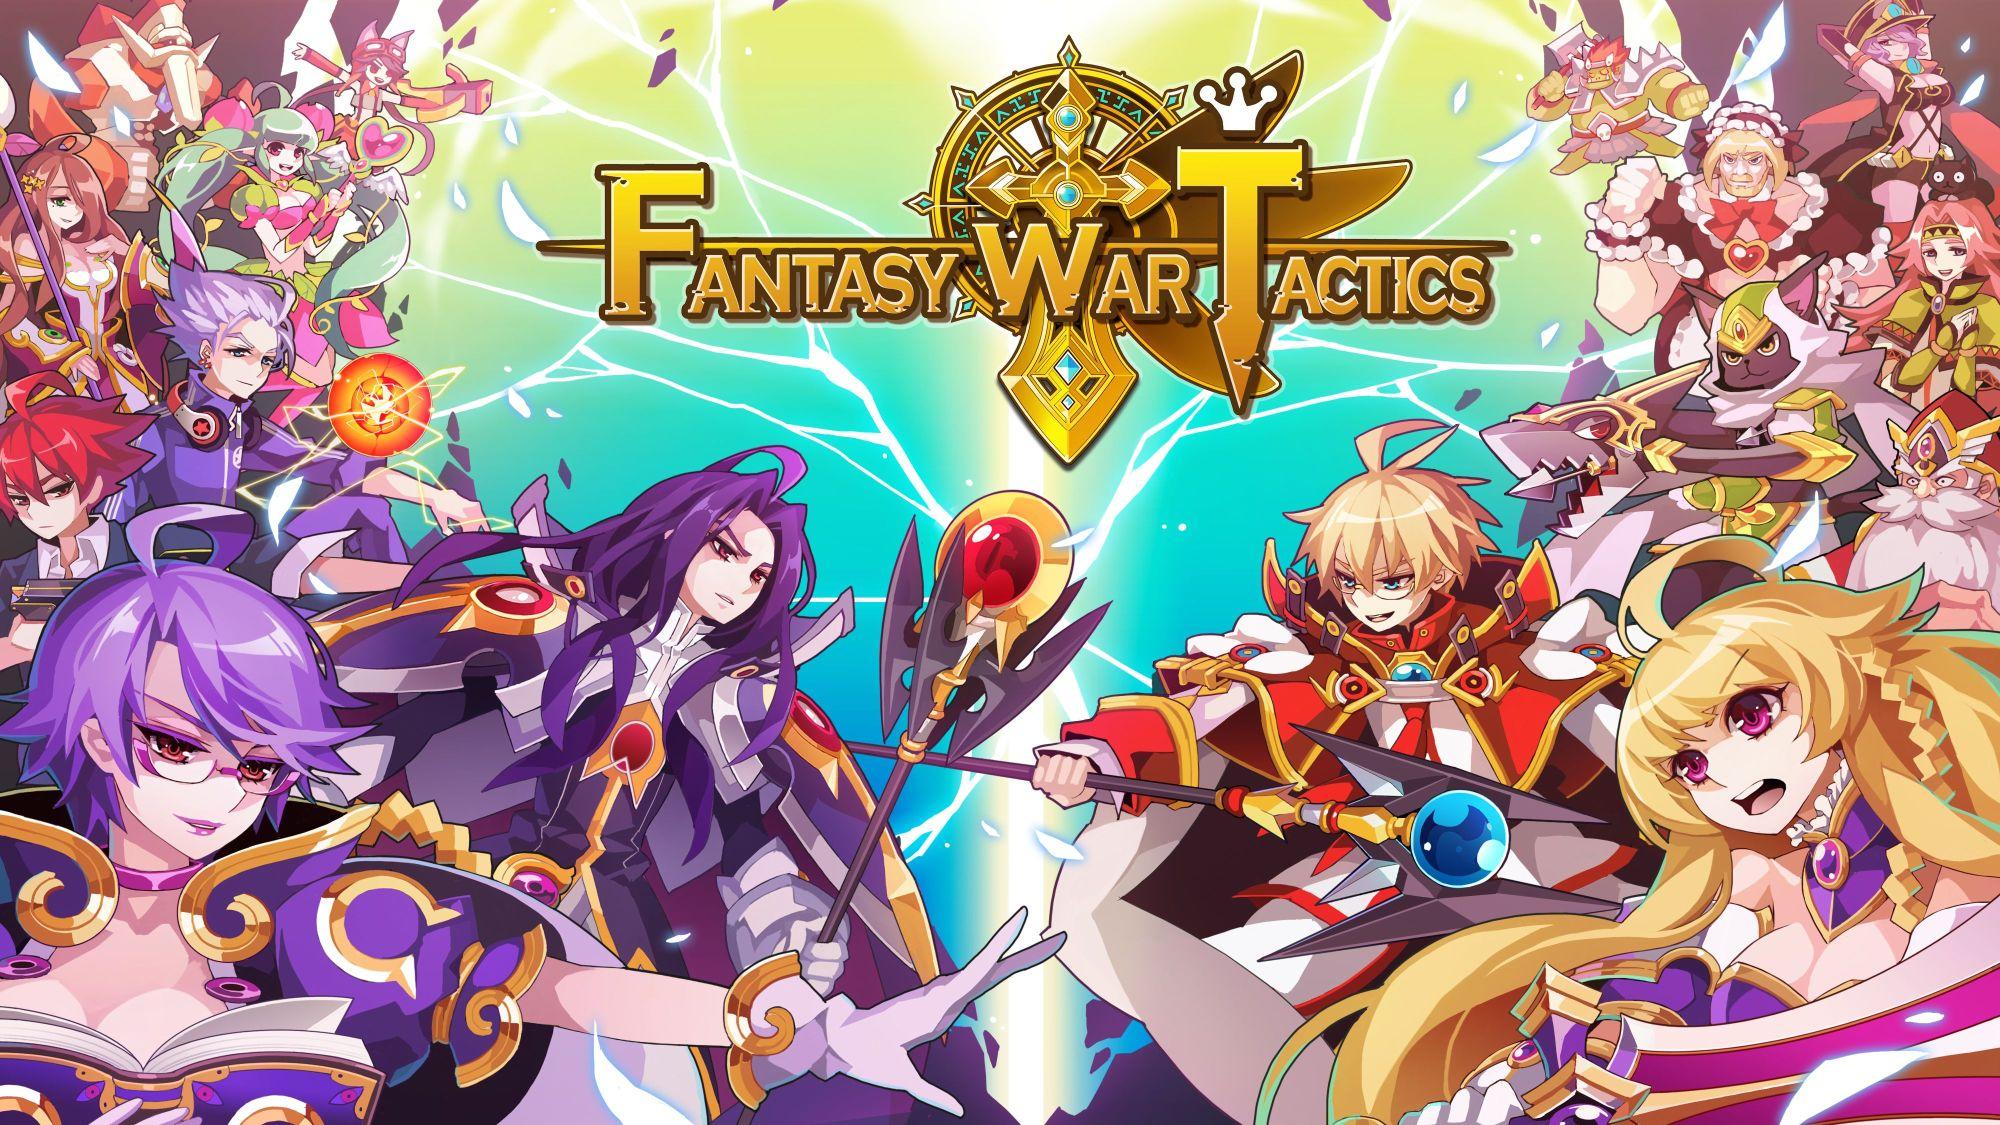 Nexon celebra el primer aniversario de Fantasy War Tactics con una serie de interesantes eventos